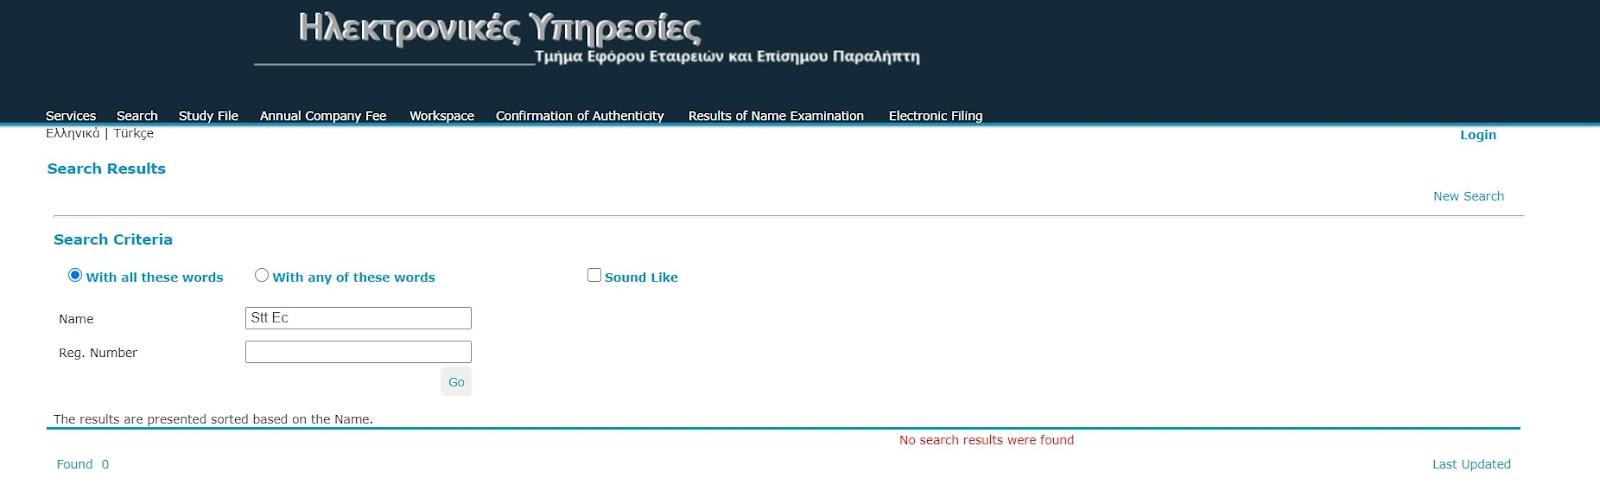 Справедливый обзор брокера Stt Ec, отзывы пользователей